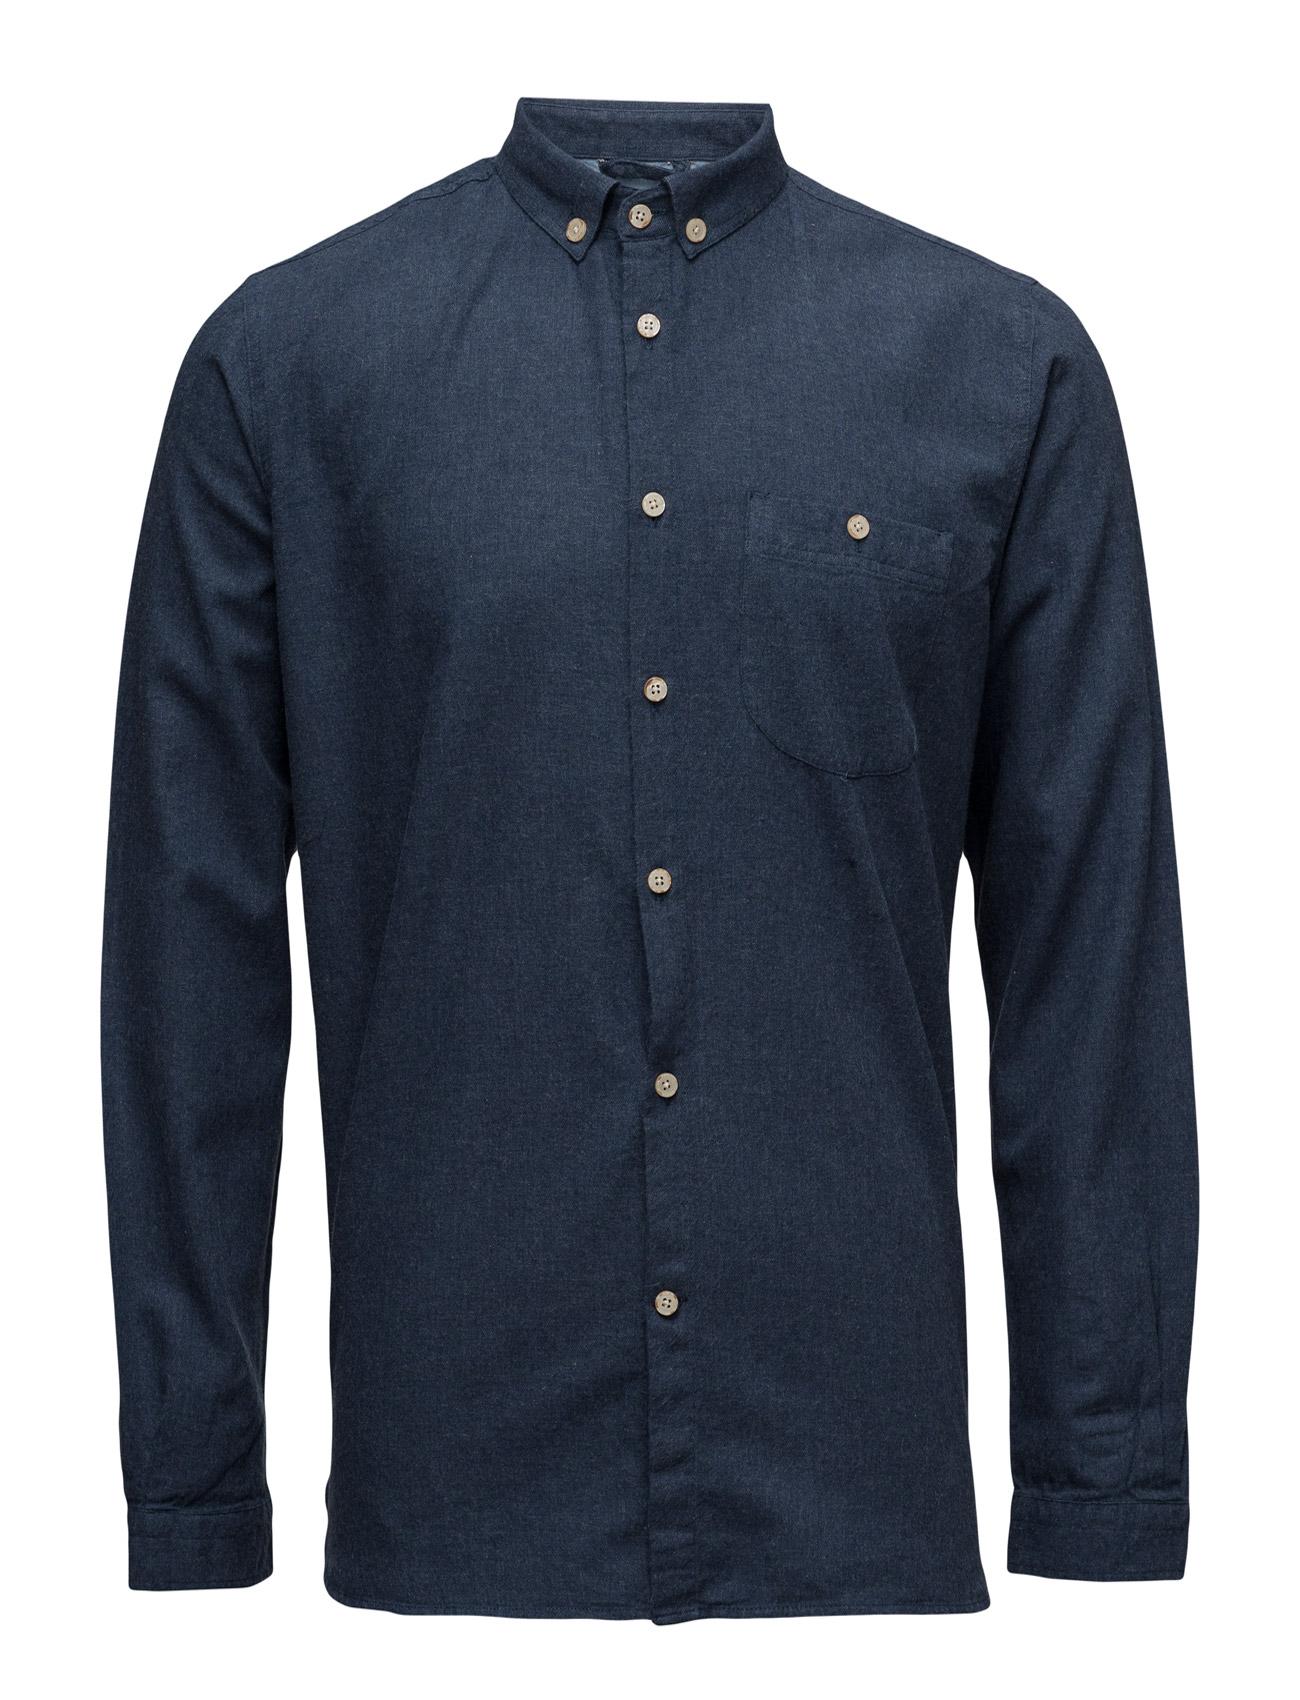 Solid Col. Flannel Shirt - Gots Knowledge Cotton Apparel Trøjer til Mænd i